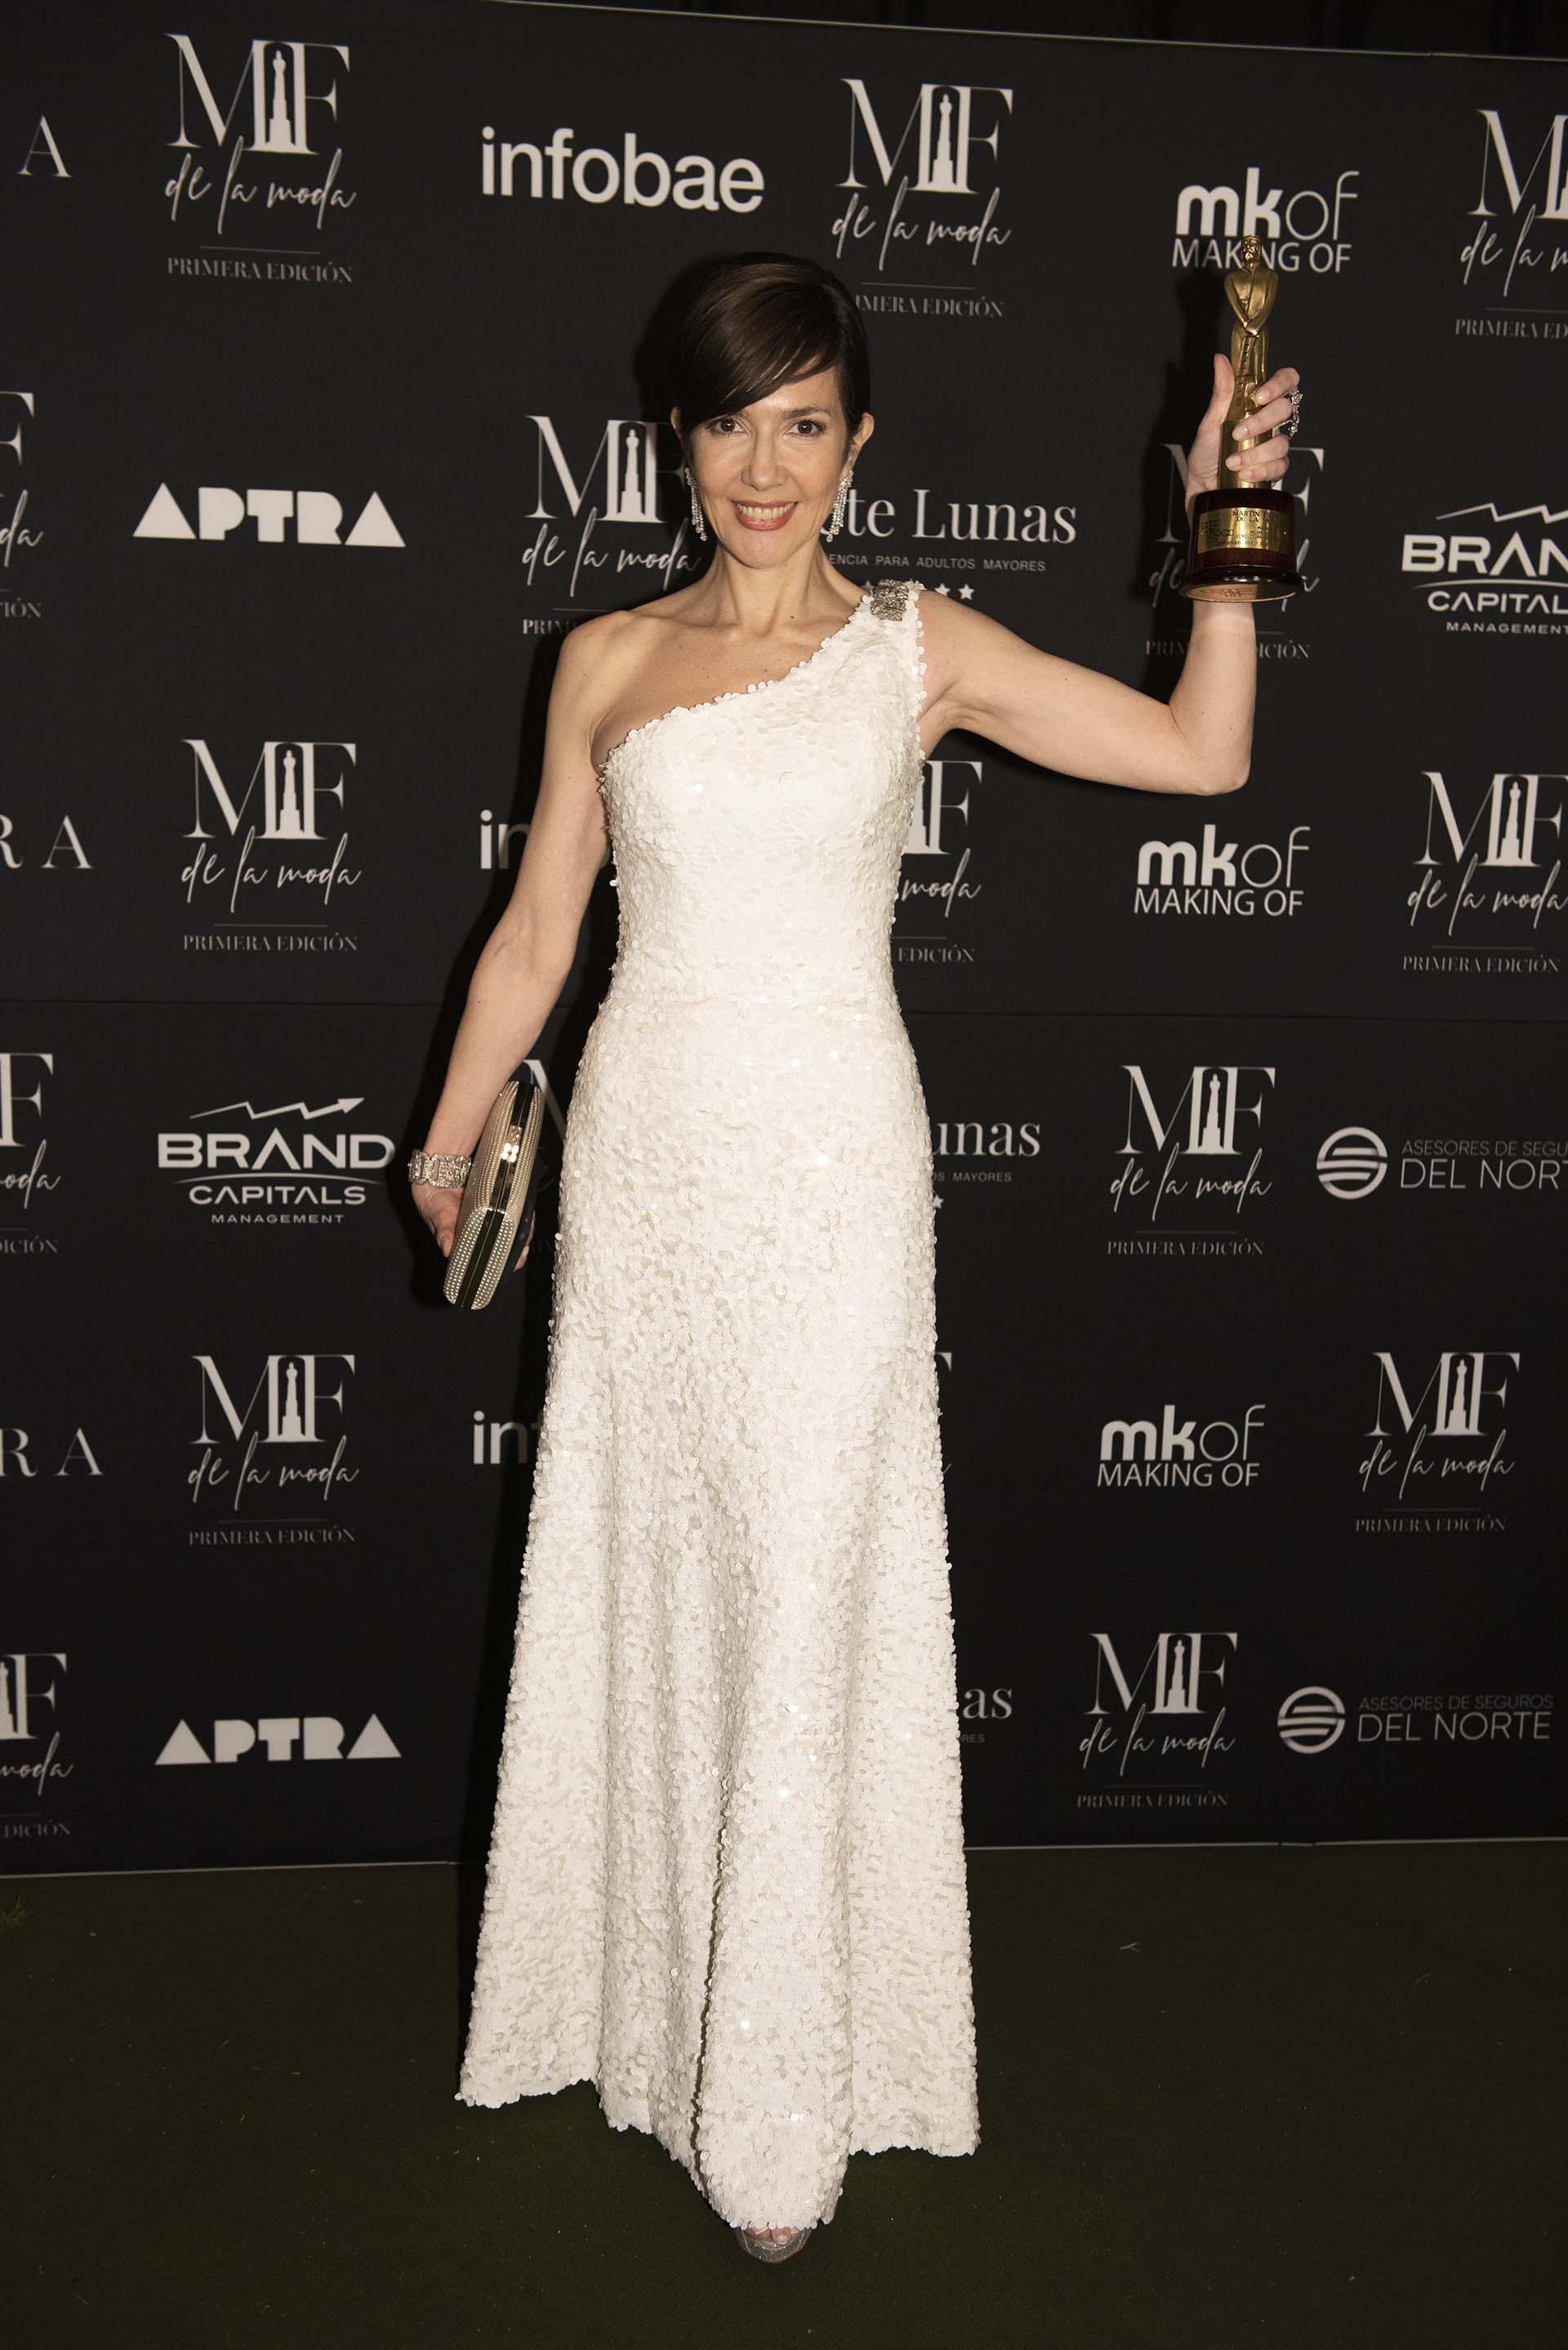 La periodista Cristina Pérez, ganadora en la categoría mejor estilo de conductora de noticiero, eligió un vestido de los hermanos Iara